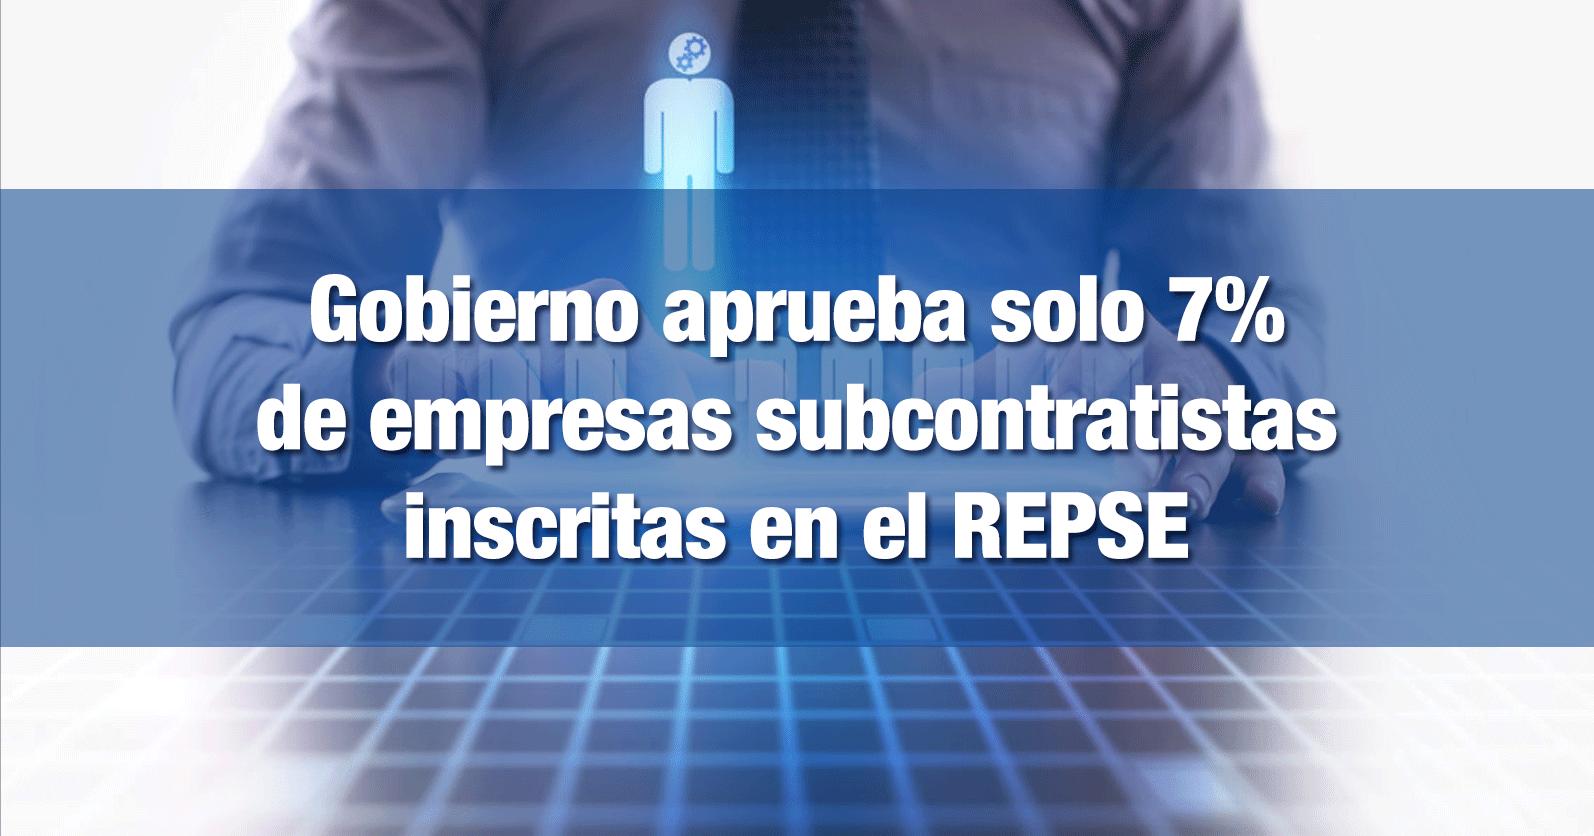 Gobierno aprueba solo 7% de empresas subcontratistas inscritas en el REPSE